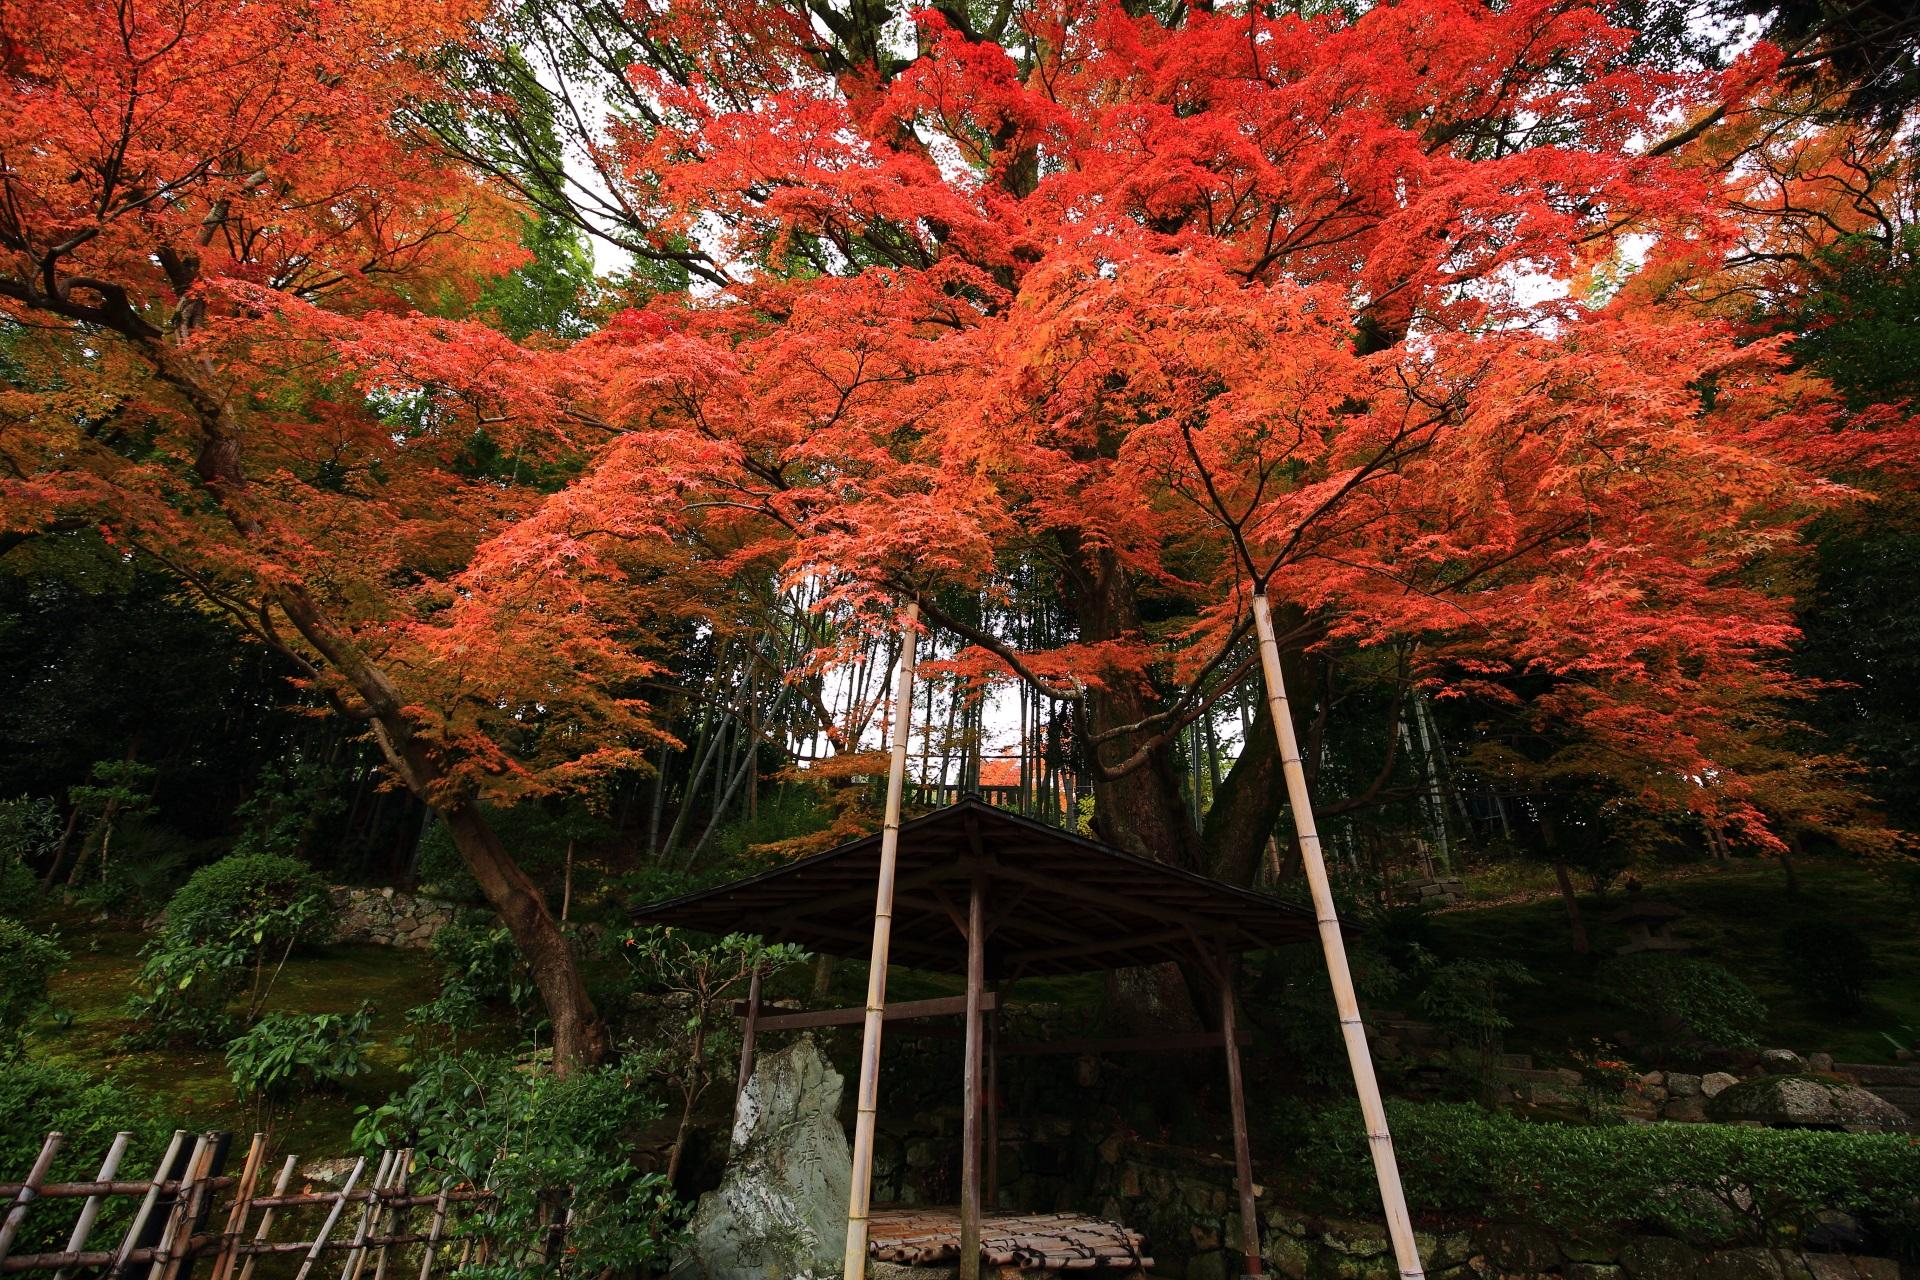 井戸の上で優雅に色づく紅葉